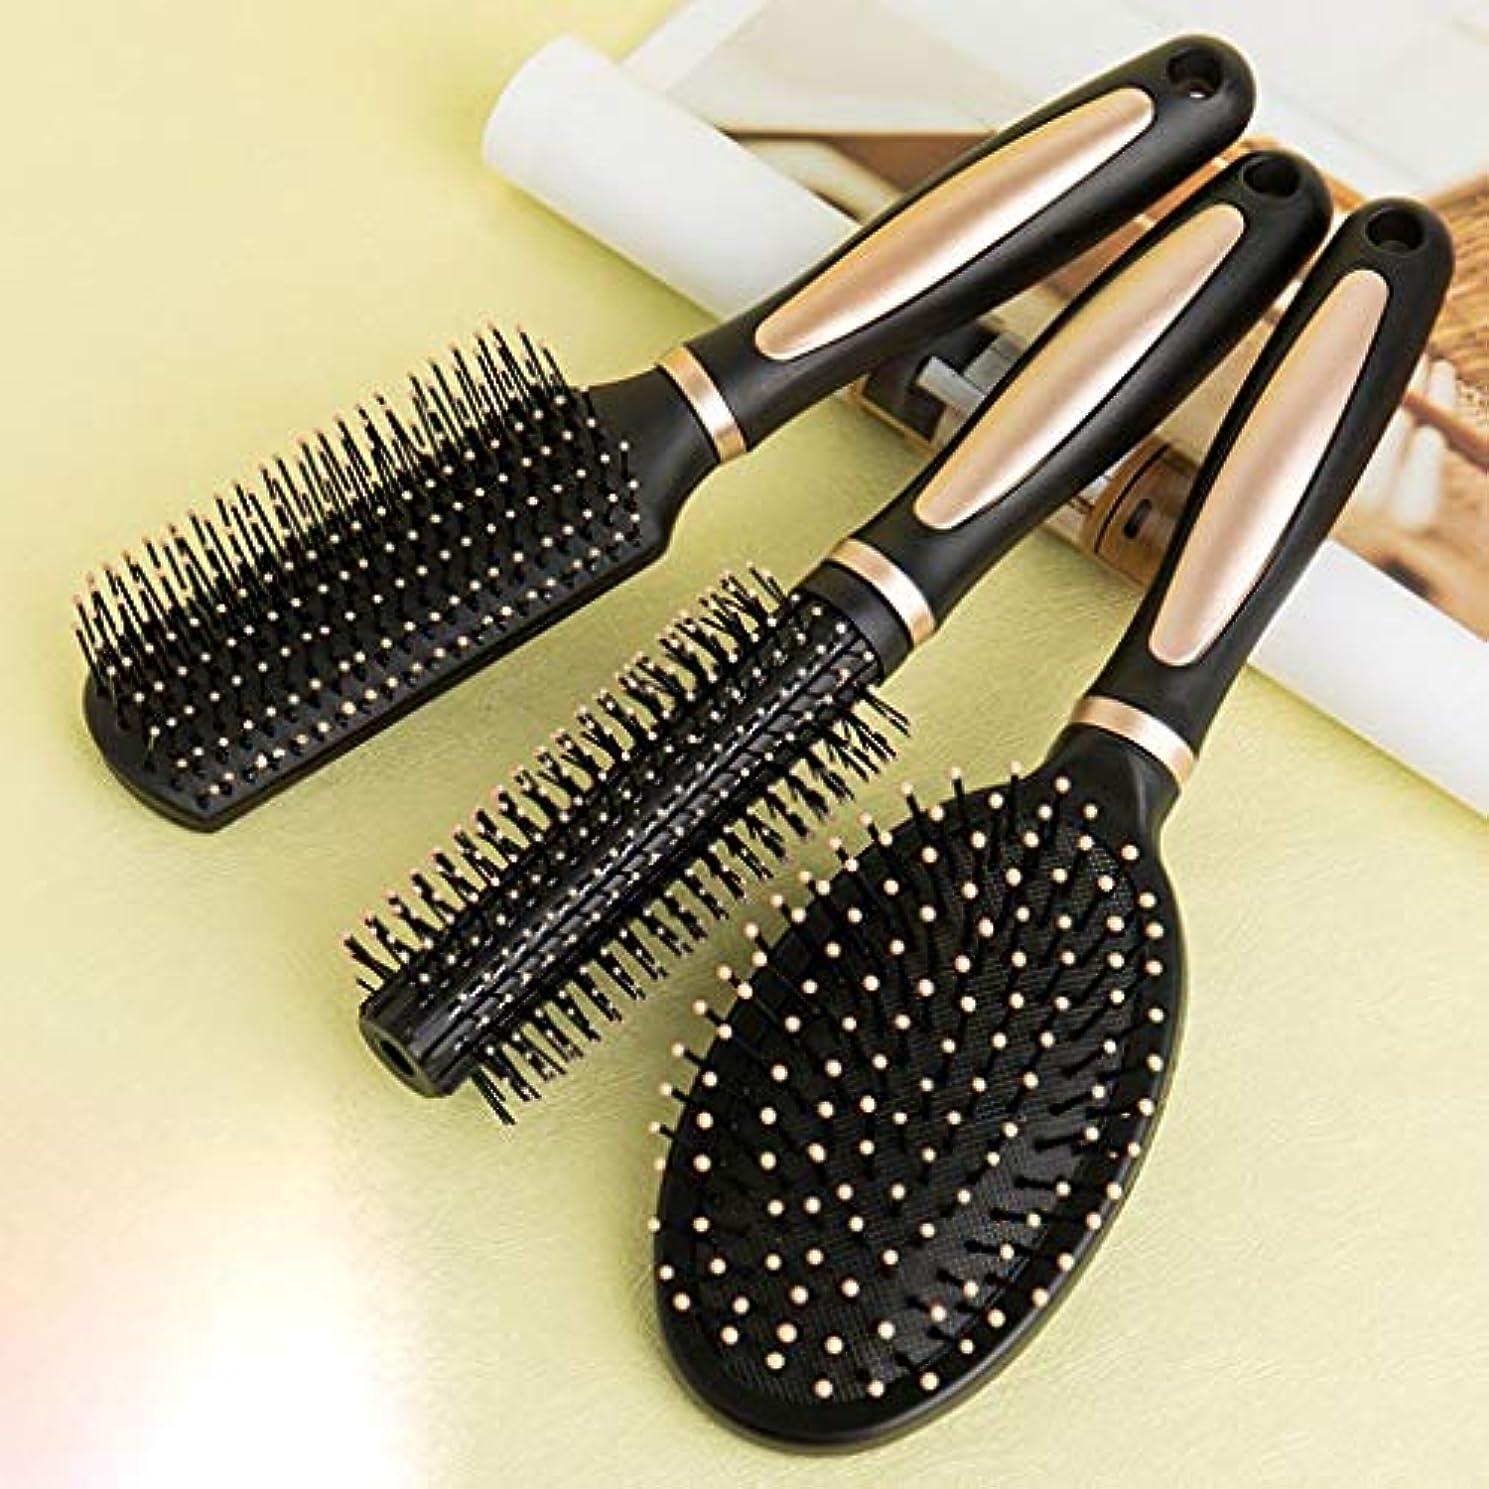 真実にのどペデスタル男性と女性エアバッグマッサージくし、ヘアくしセットロングヘアの旅と家庭のための抗静的なカール形状 (Size : Hair comb 3 piece set)